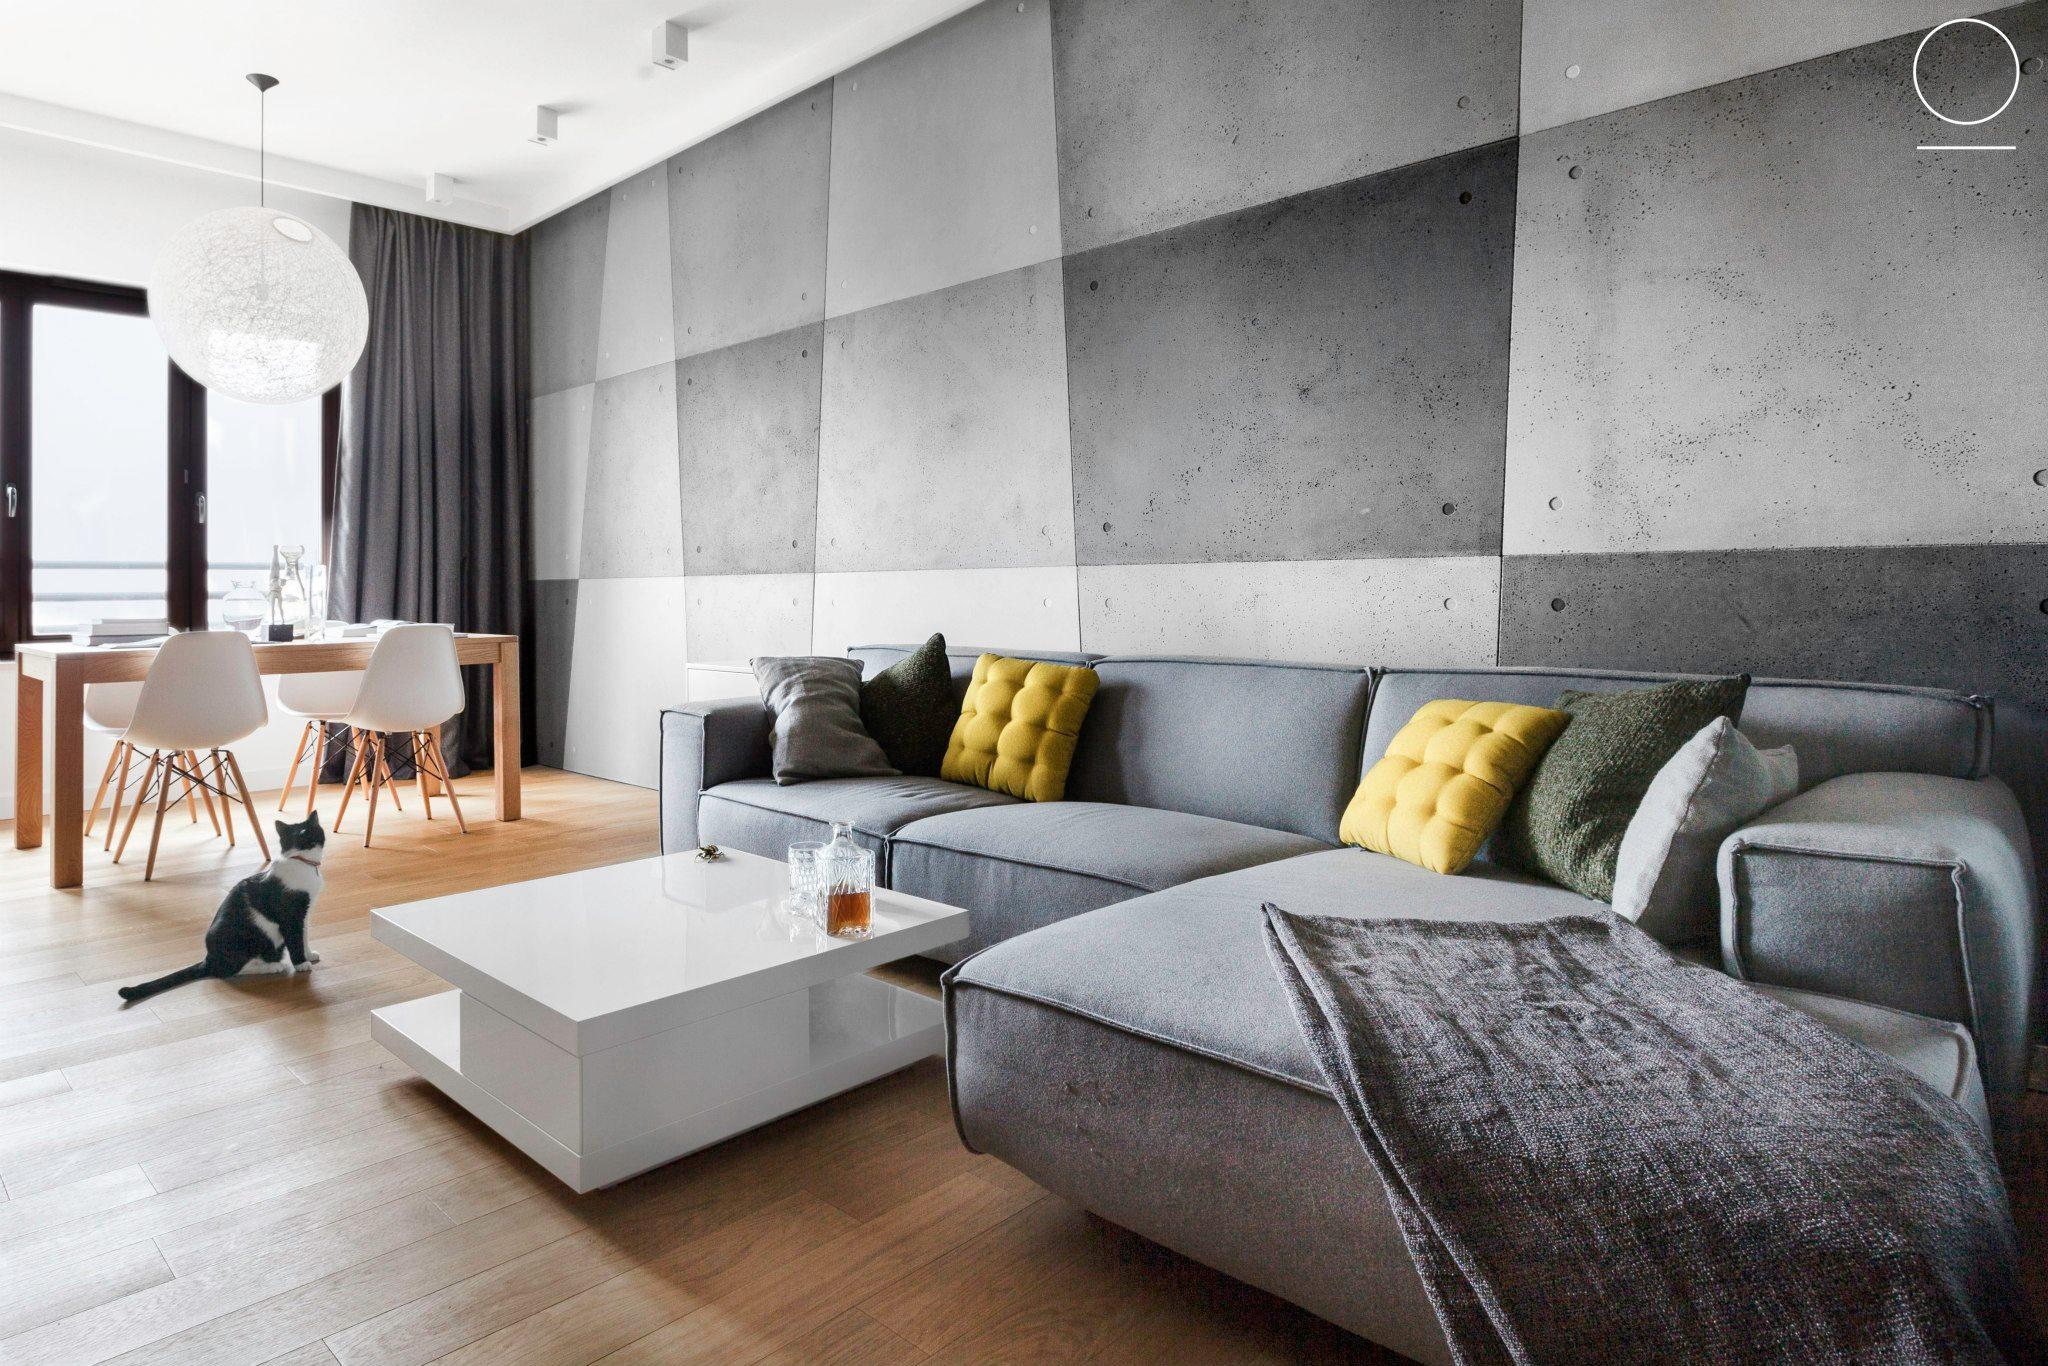 oikoi modern apartment5 Pokorna Apartments by Oikoi Studio